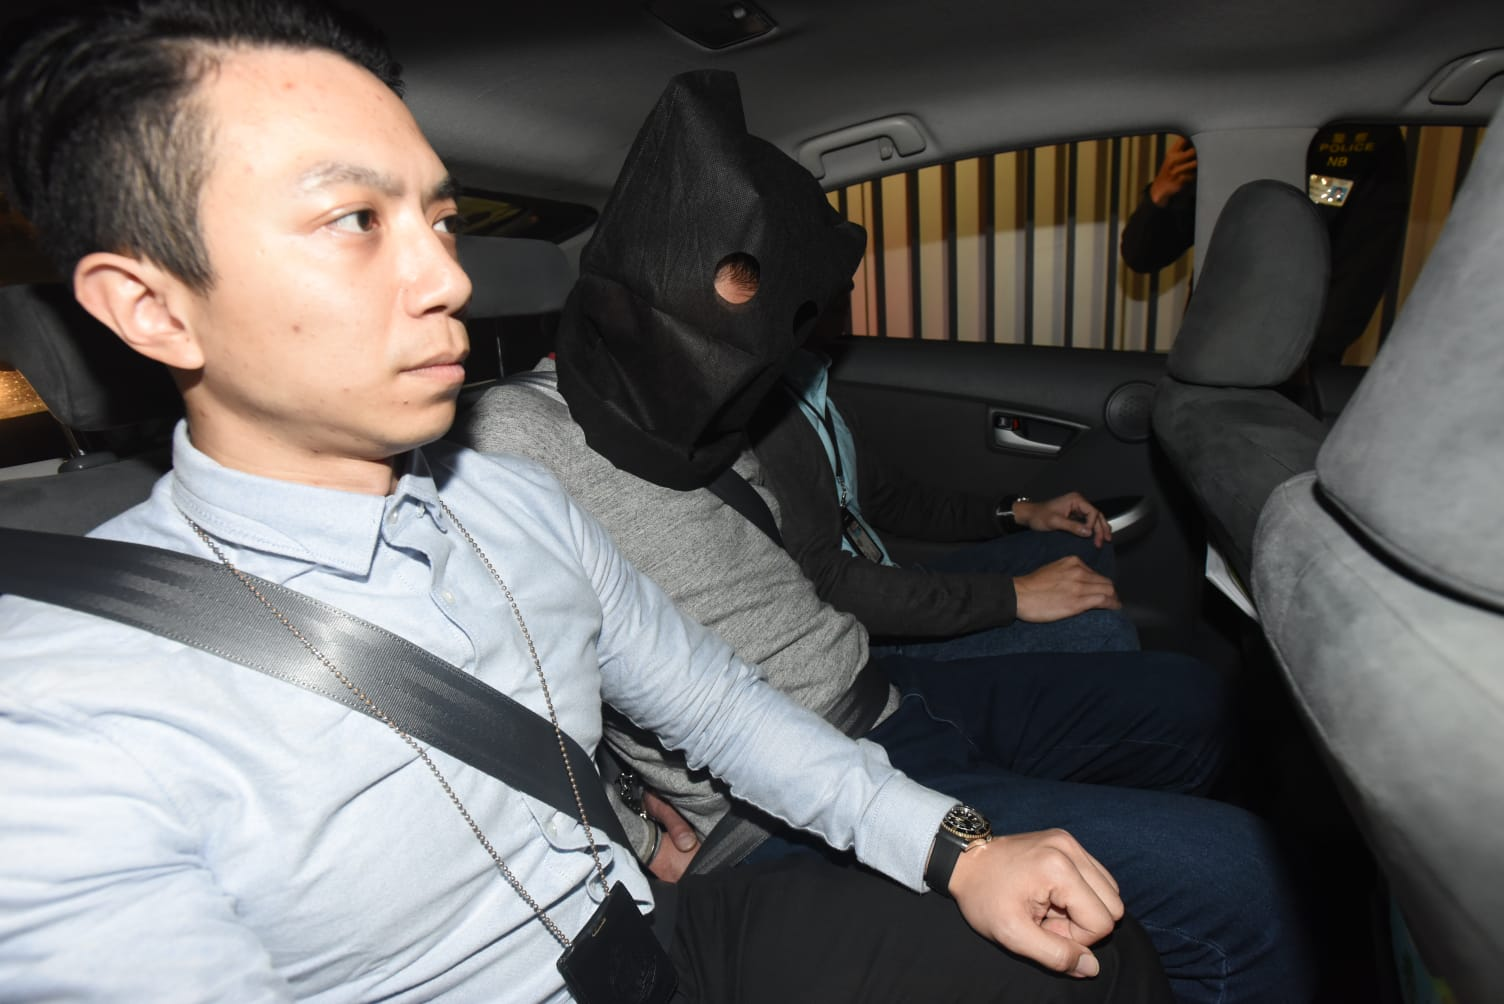 警方拘捕2名疑犯。